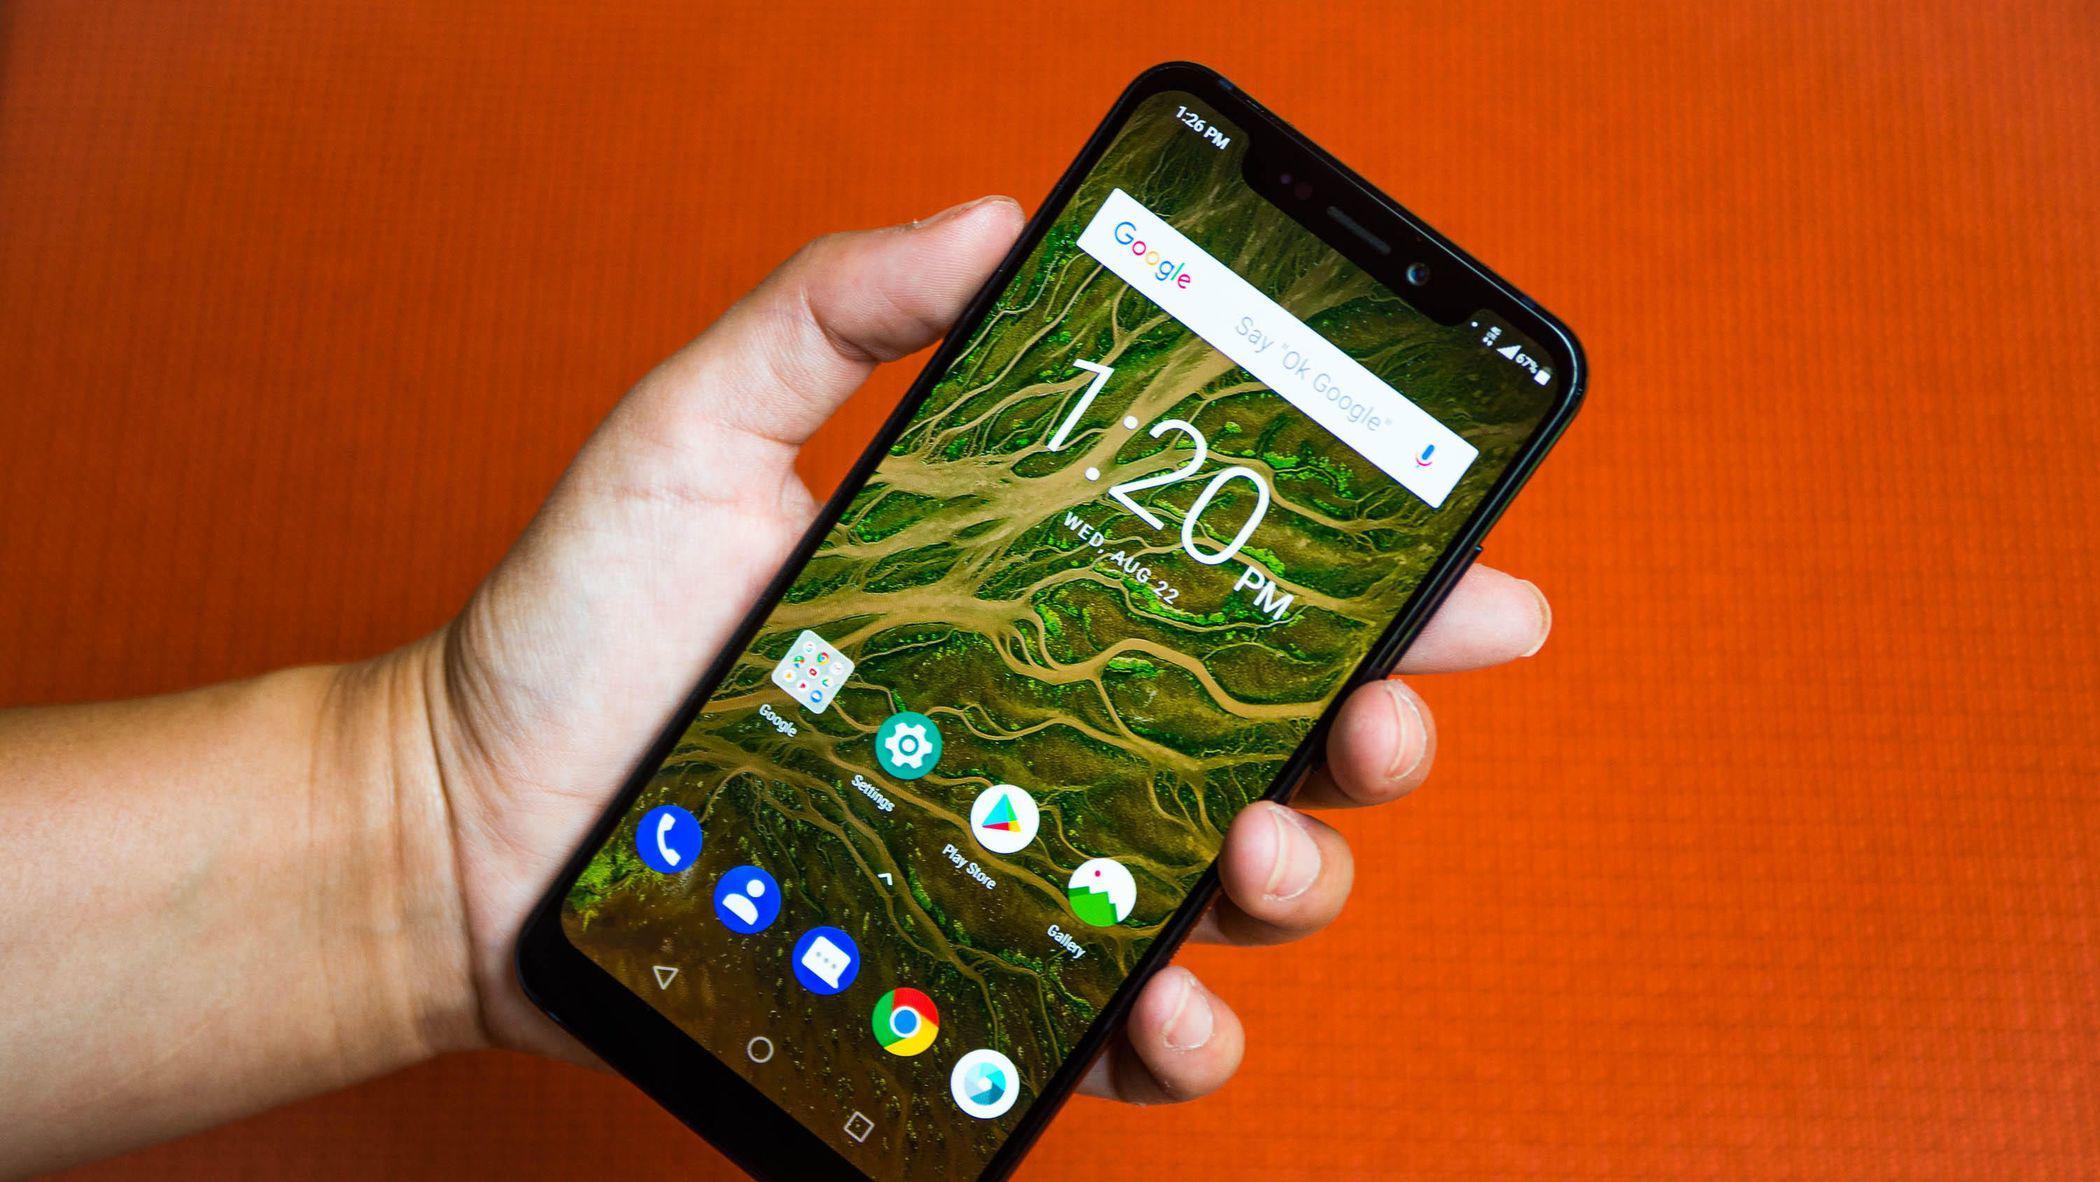 中兴发新款智能手机:刘海屏+骁龙845 售价超5000